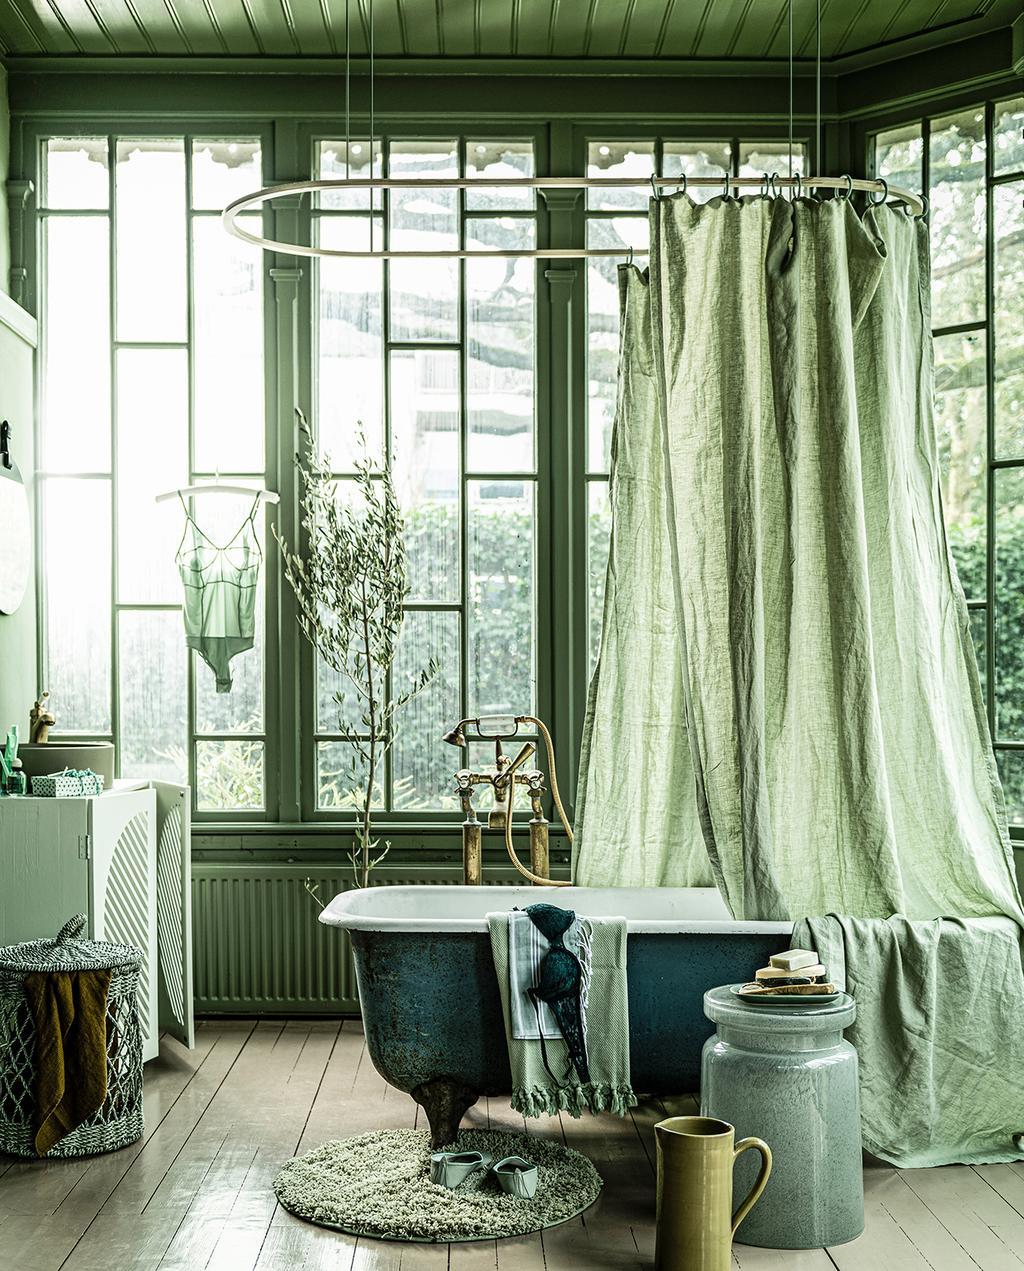 vtwonen 04-2020 | glazen serre met badkuip en groene tinten